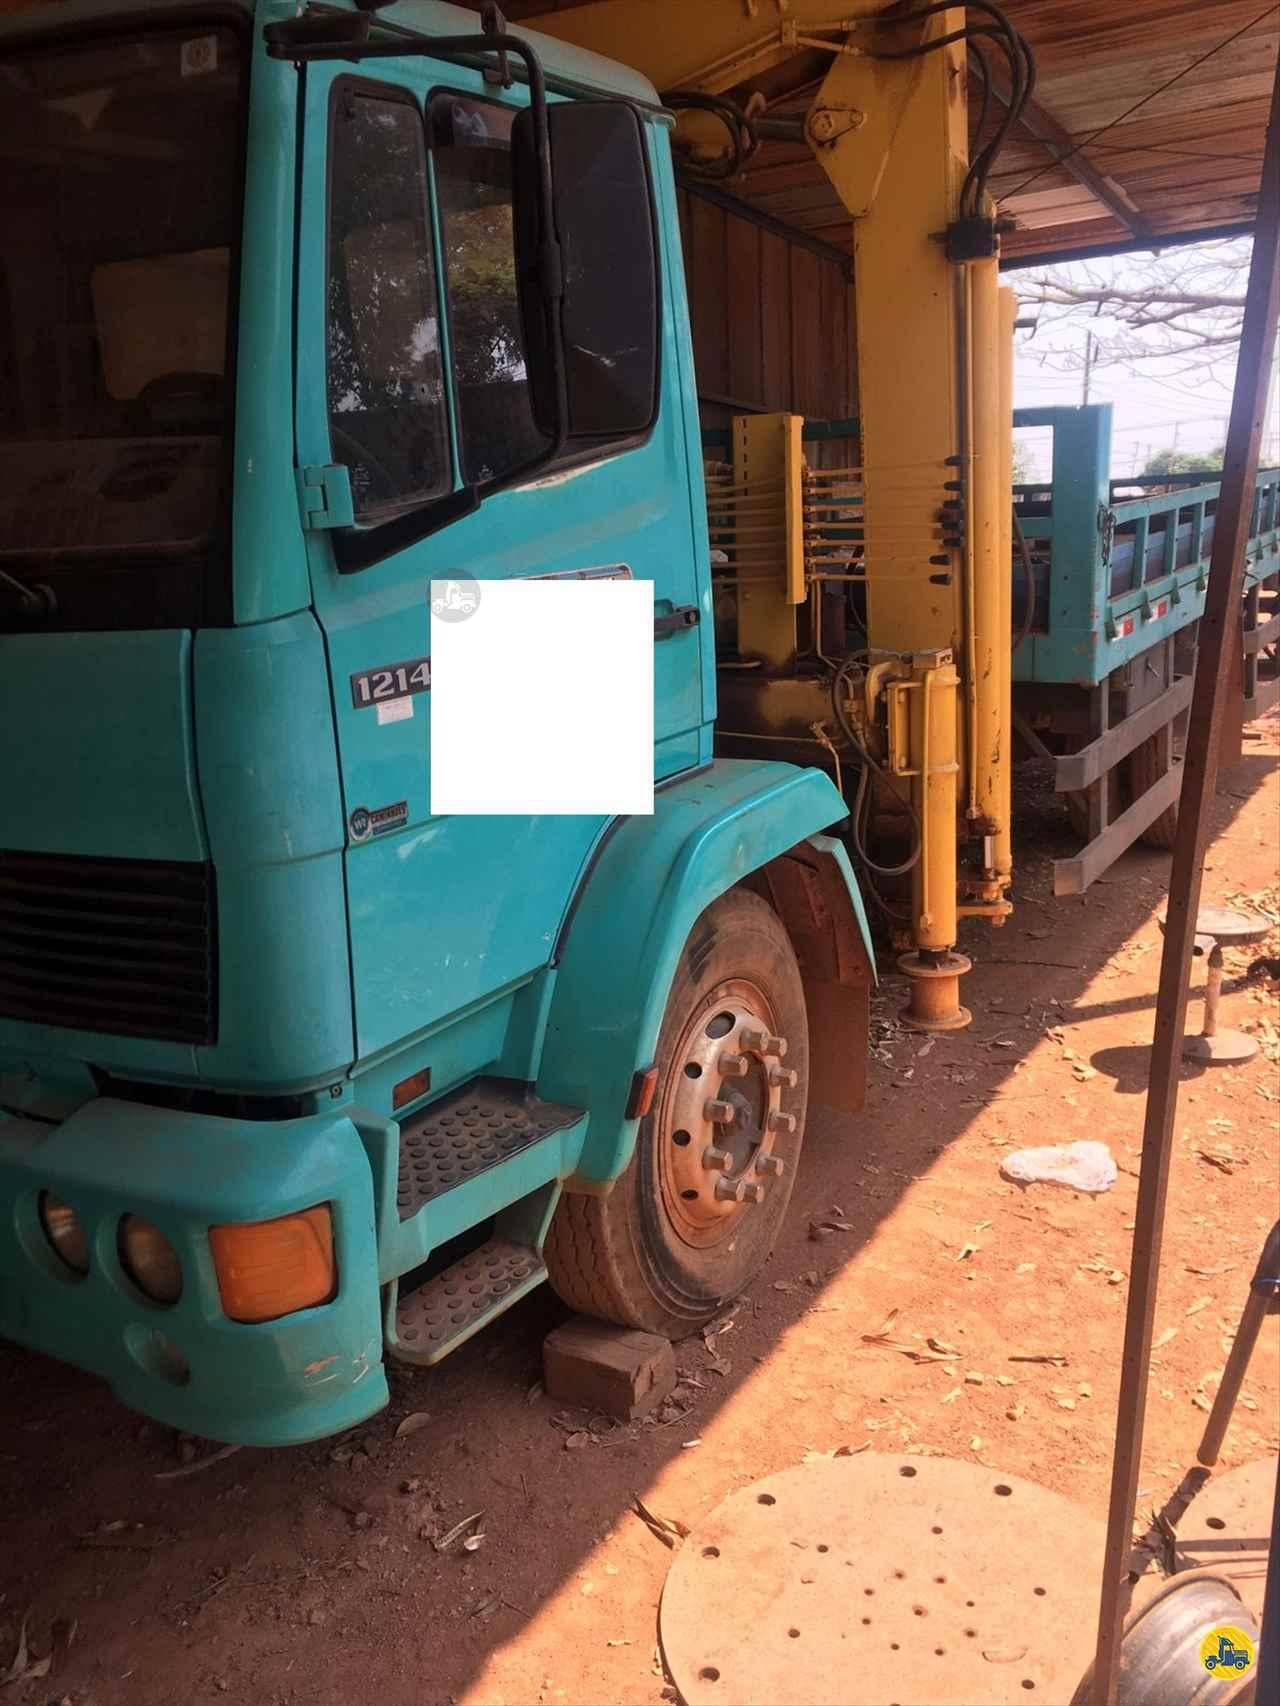 CAMINHAO MERCEDES-BENZ MB 1214 Guincho Munck 3/4 4x2 RB Caminhões & Financiamentos ARAGUARI MINAS GERAIS MG